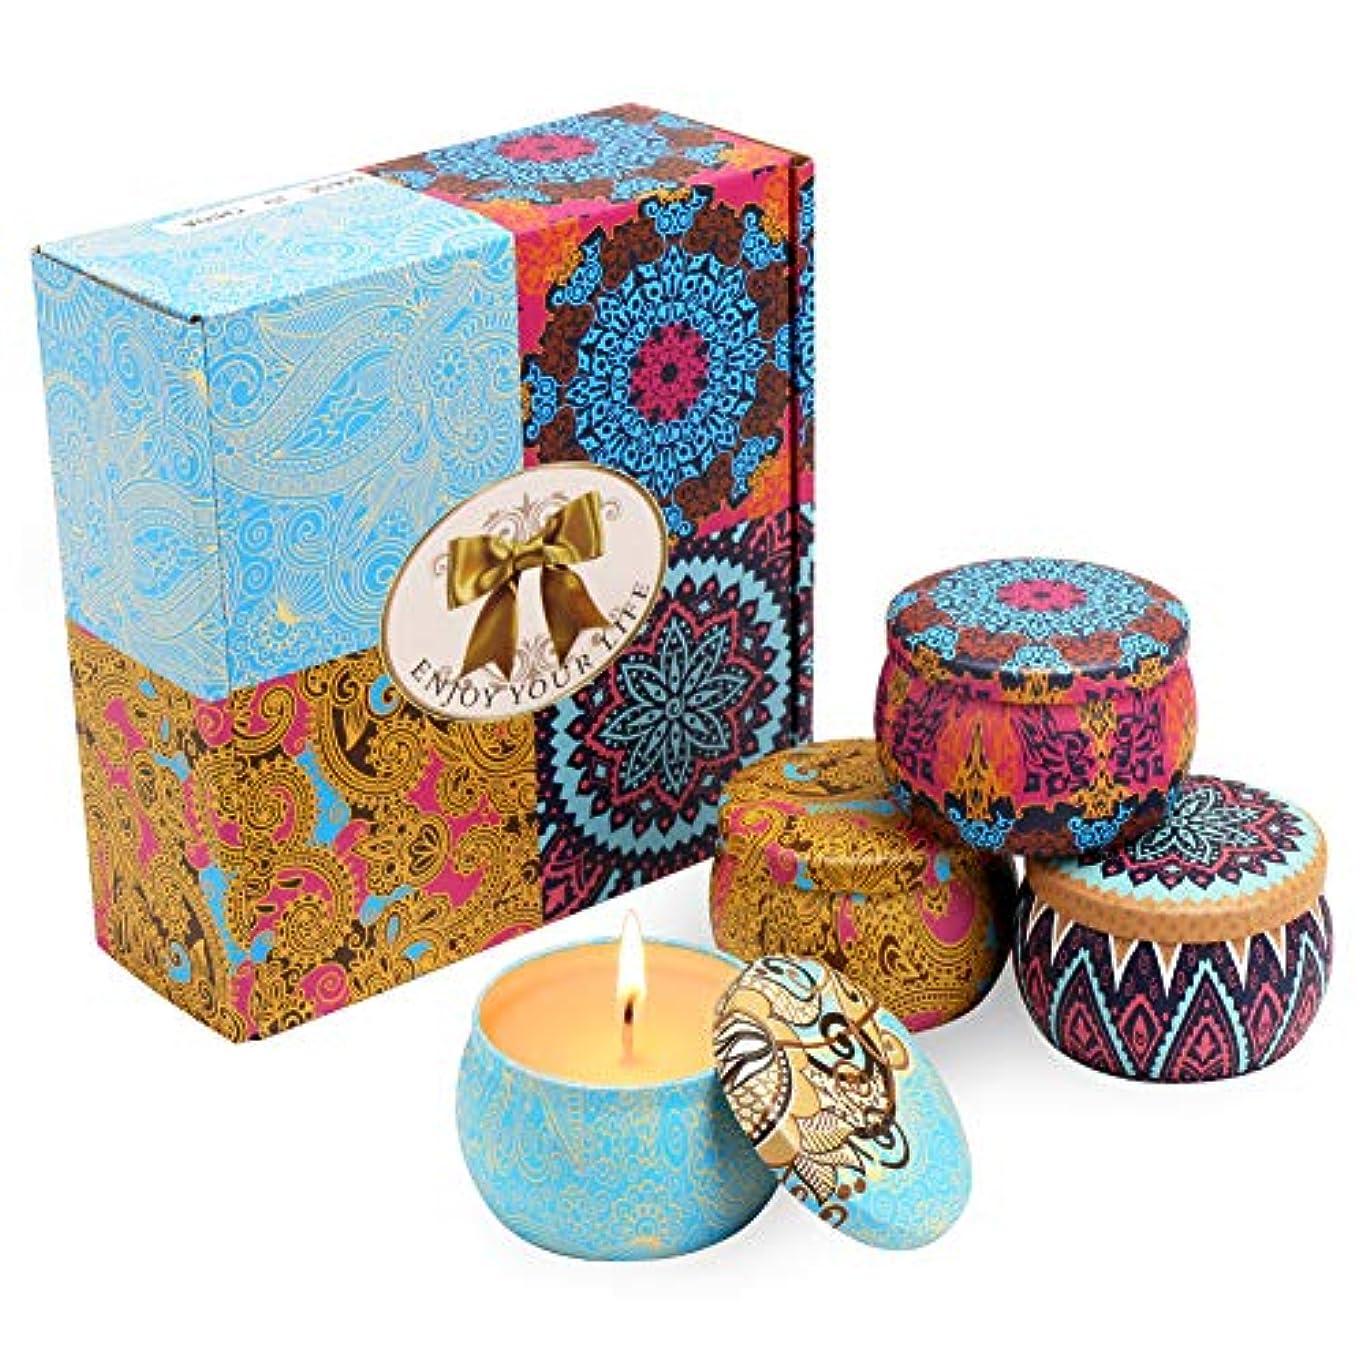 旅最も遠い寺院アロマキャンドル MANLI ソイワックス 天然 大豆ワックス 4つ香り 果物の香り 4個セット キャンドル アロマテラピー ロウソク バレンタインデー プレゼント ロマンチック 結婚式 誕生日(四セット)